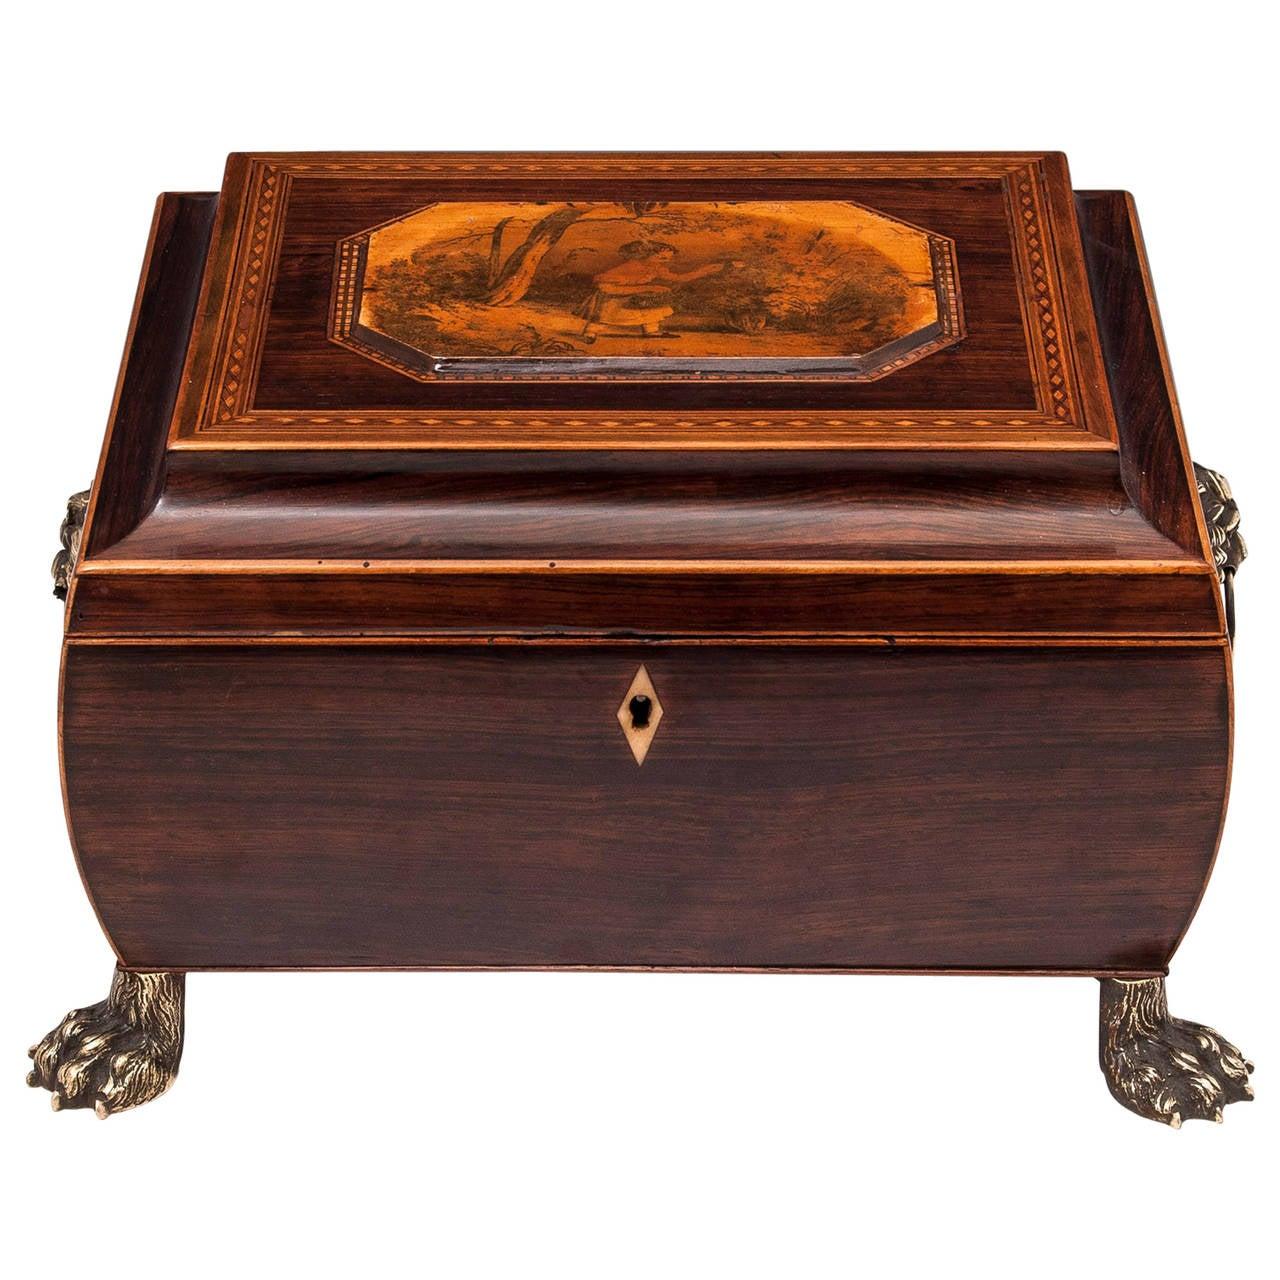 19th Century Regency Bombe Shape Mahogany Sewing Box